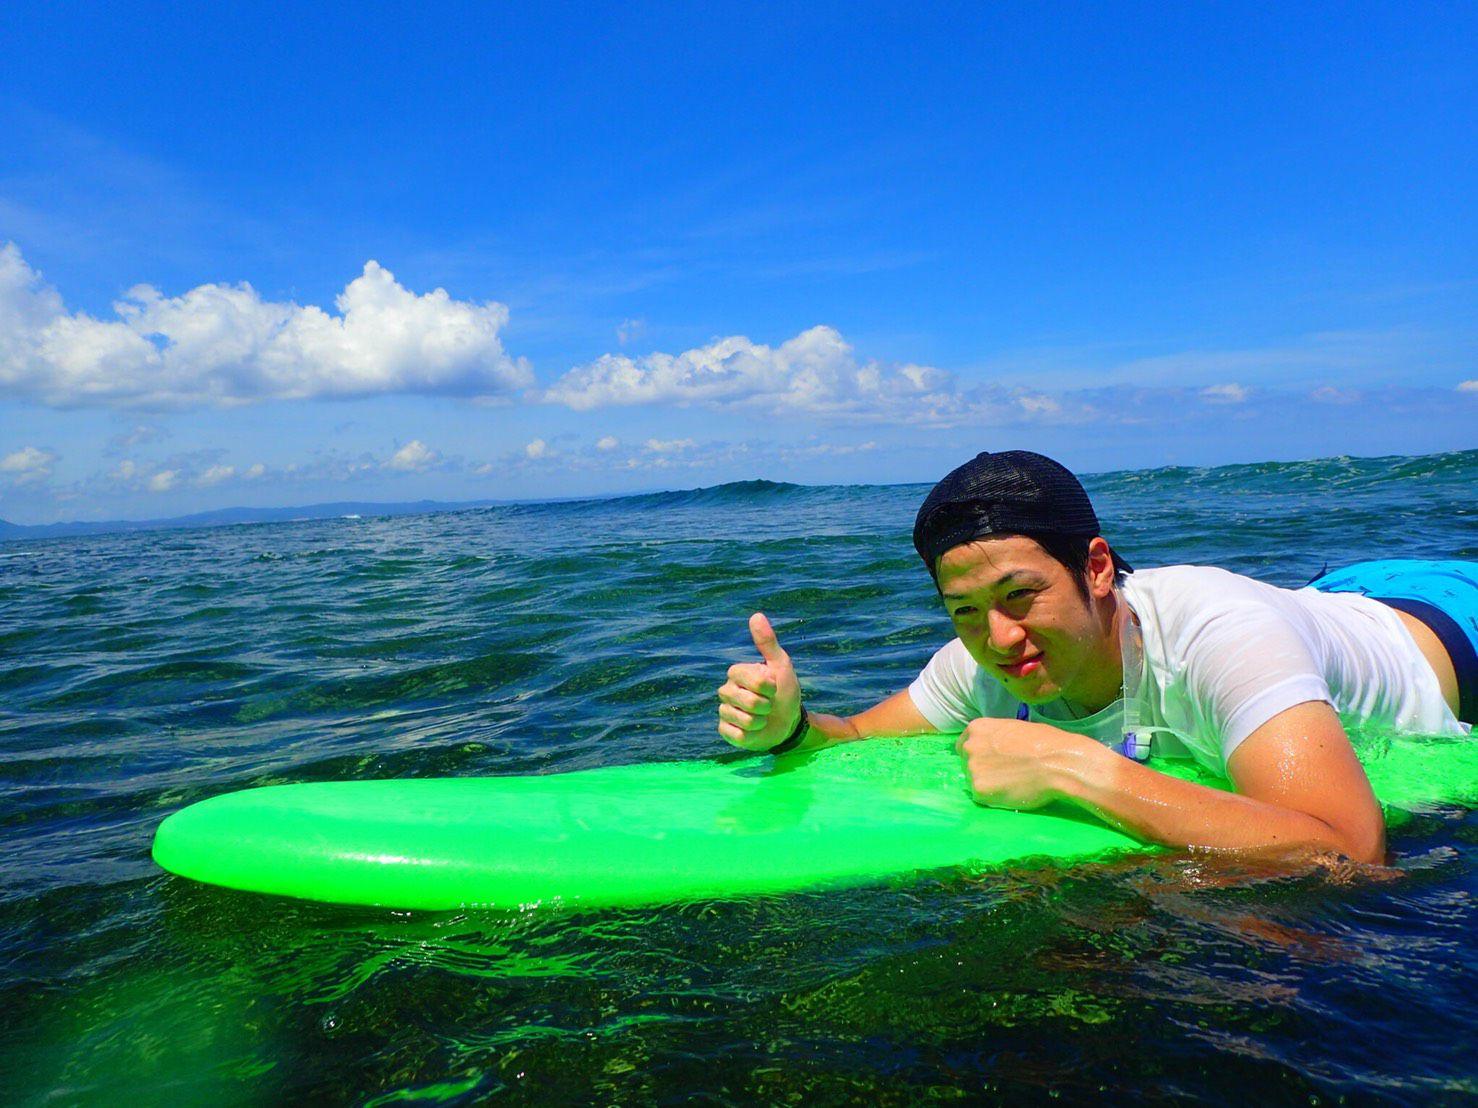 初心者にもおすすめ!サーフィンスクール♪初心者にもおすすめ!サーフィンスクール♪